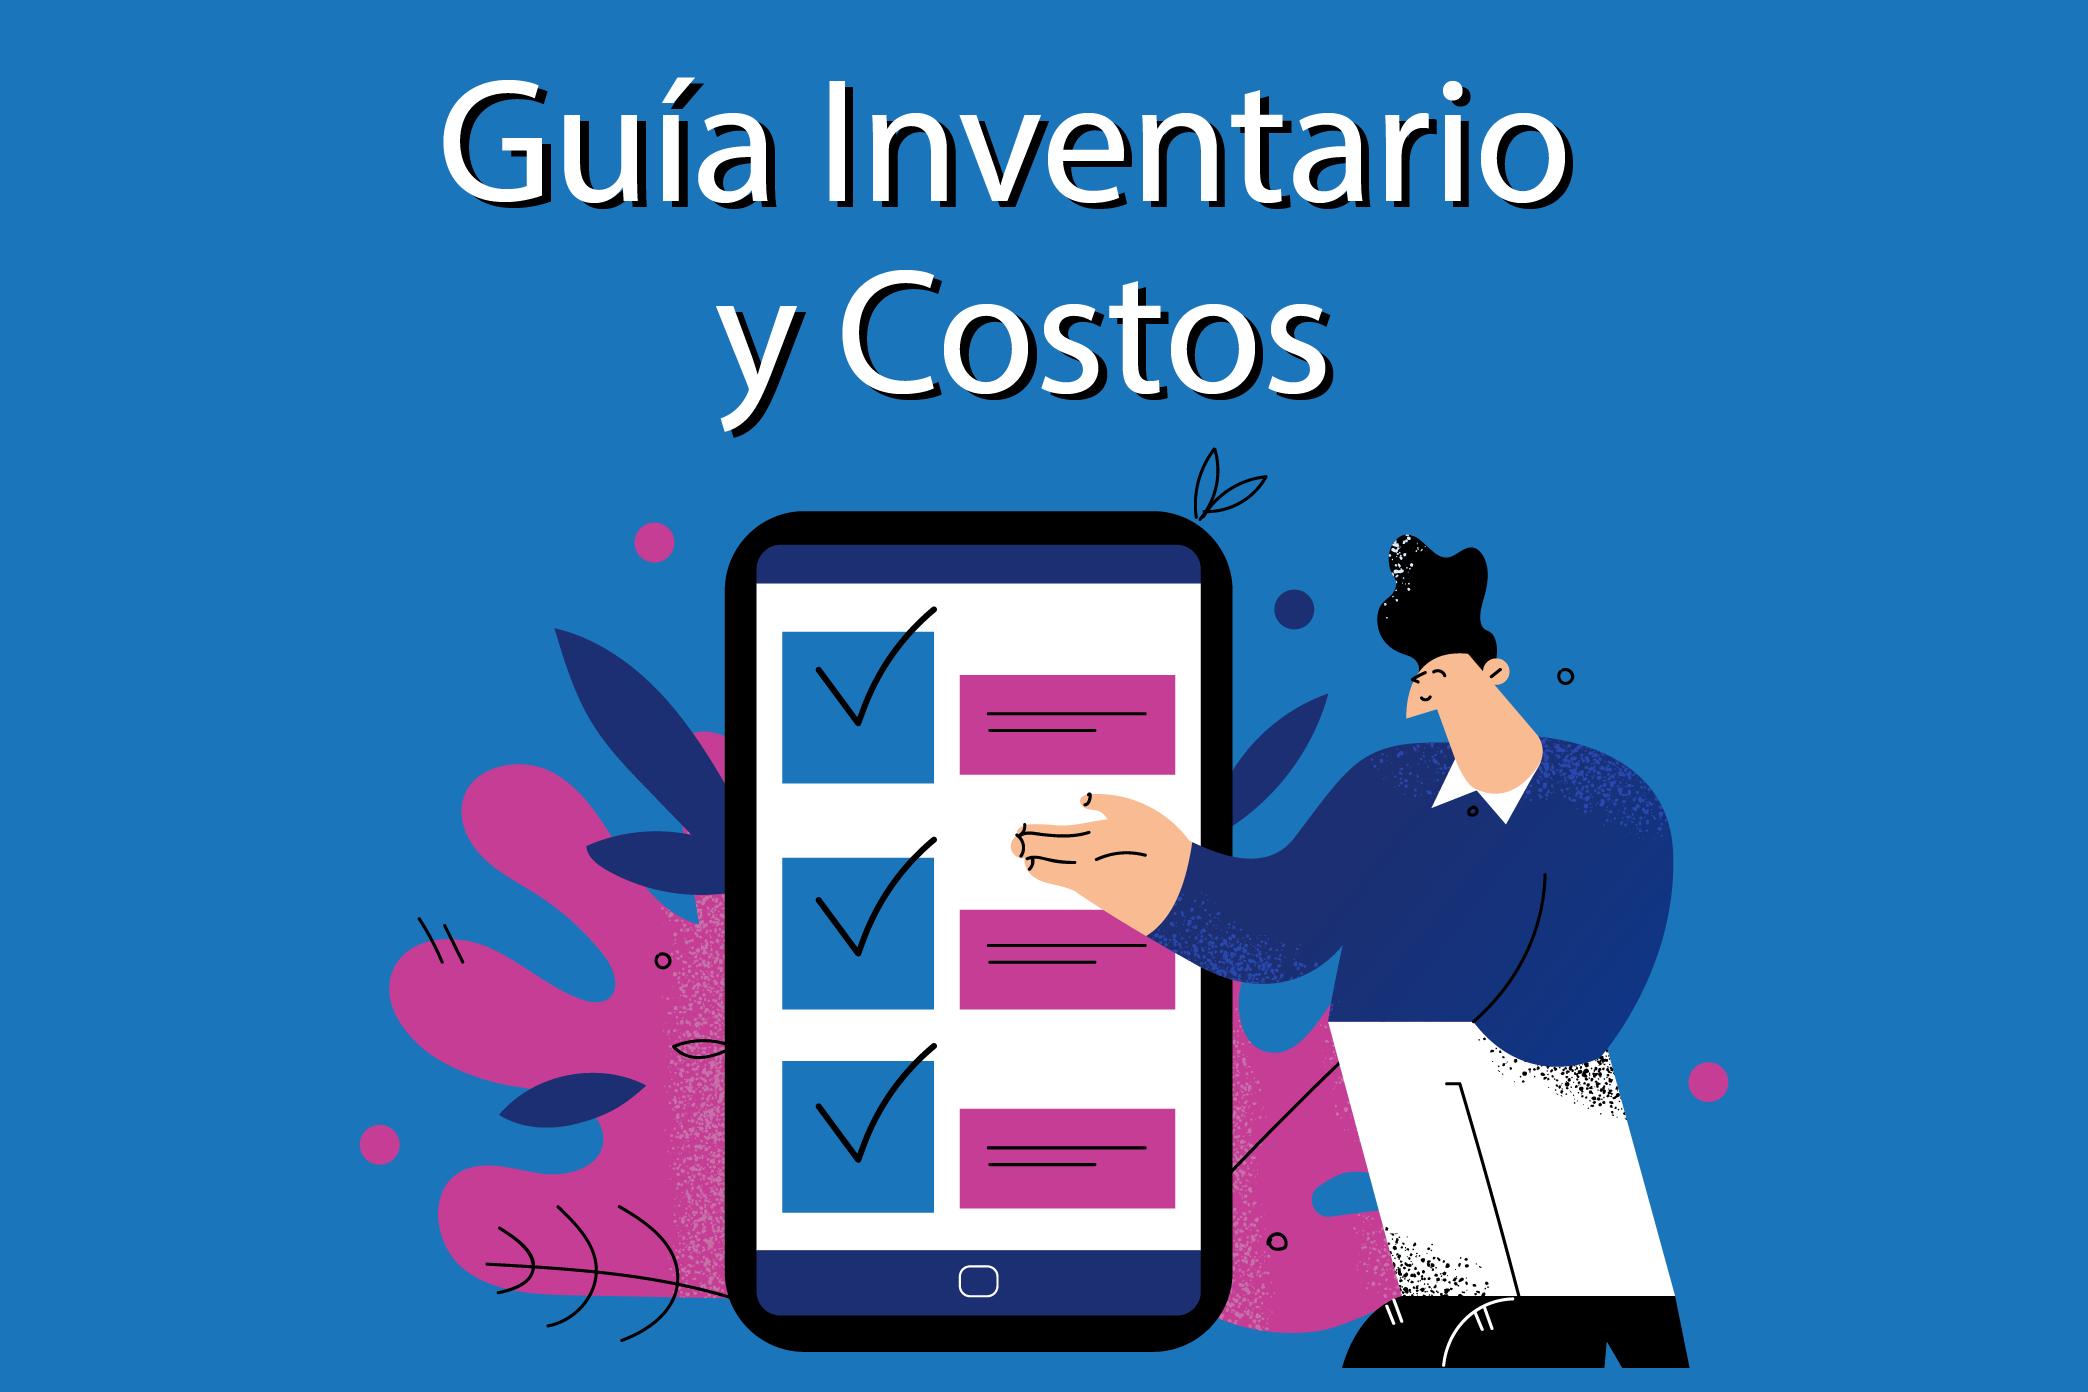 Guía Inventario y Costos